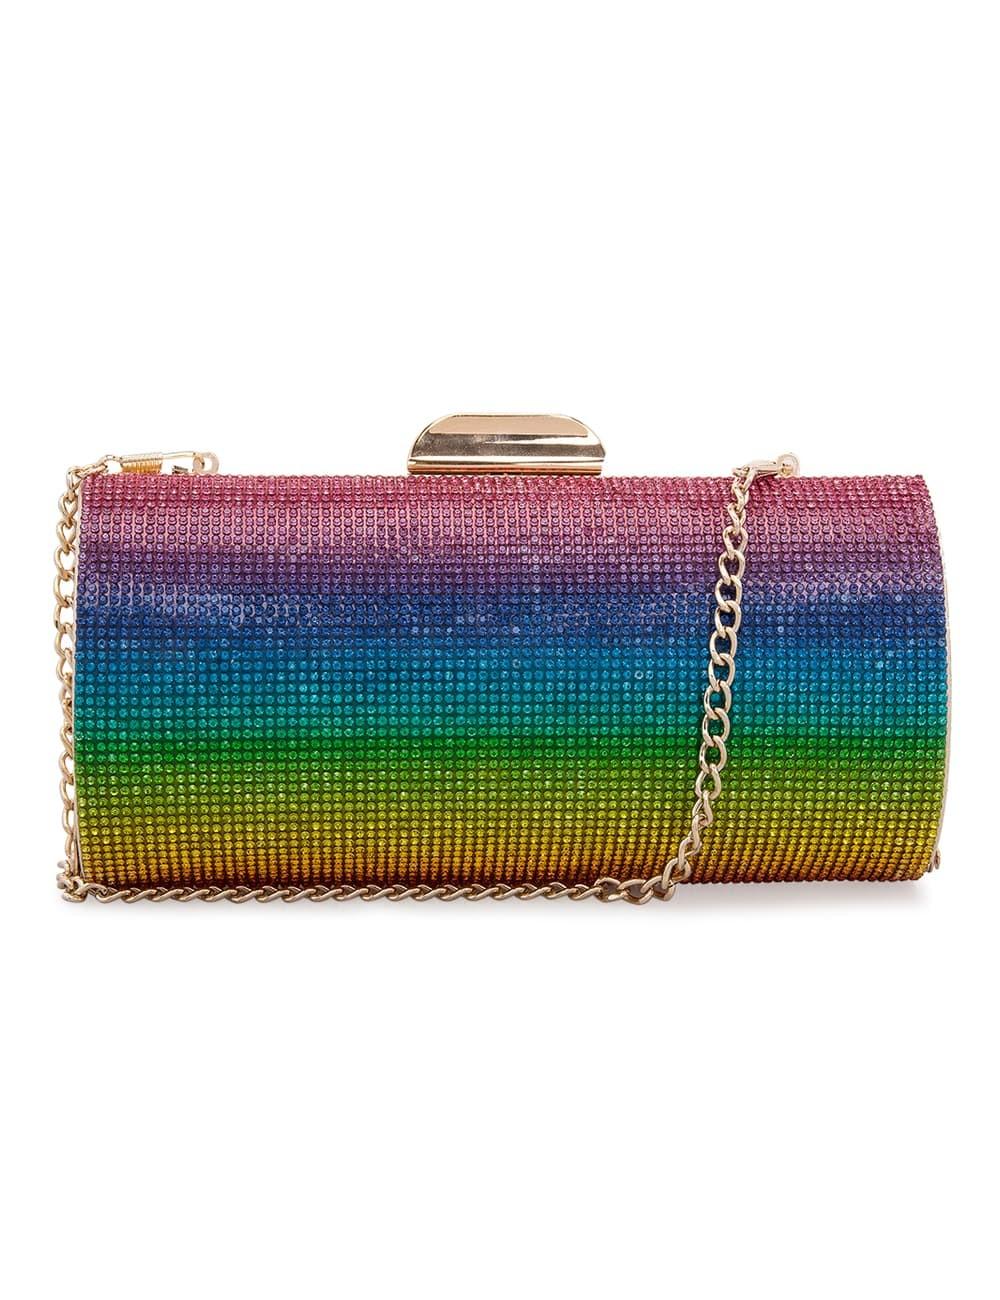 حقيبة كلاتش ملونة من نينا Nina موضة صيف 2019